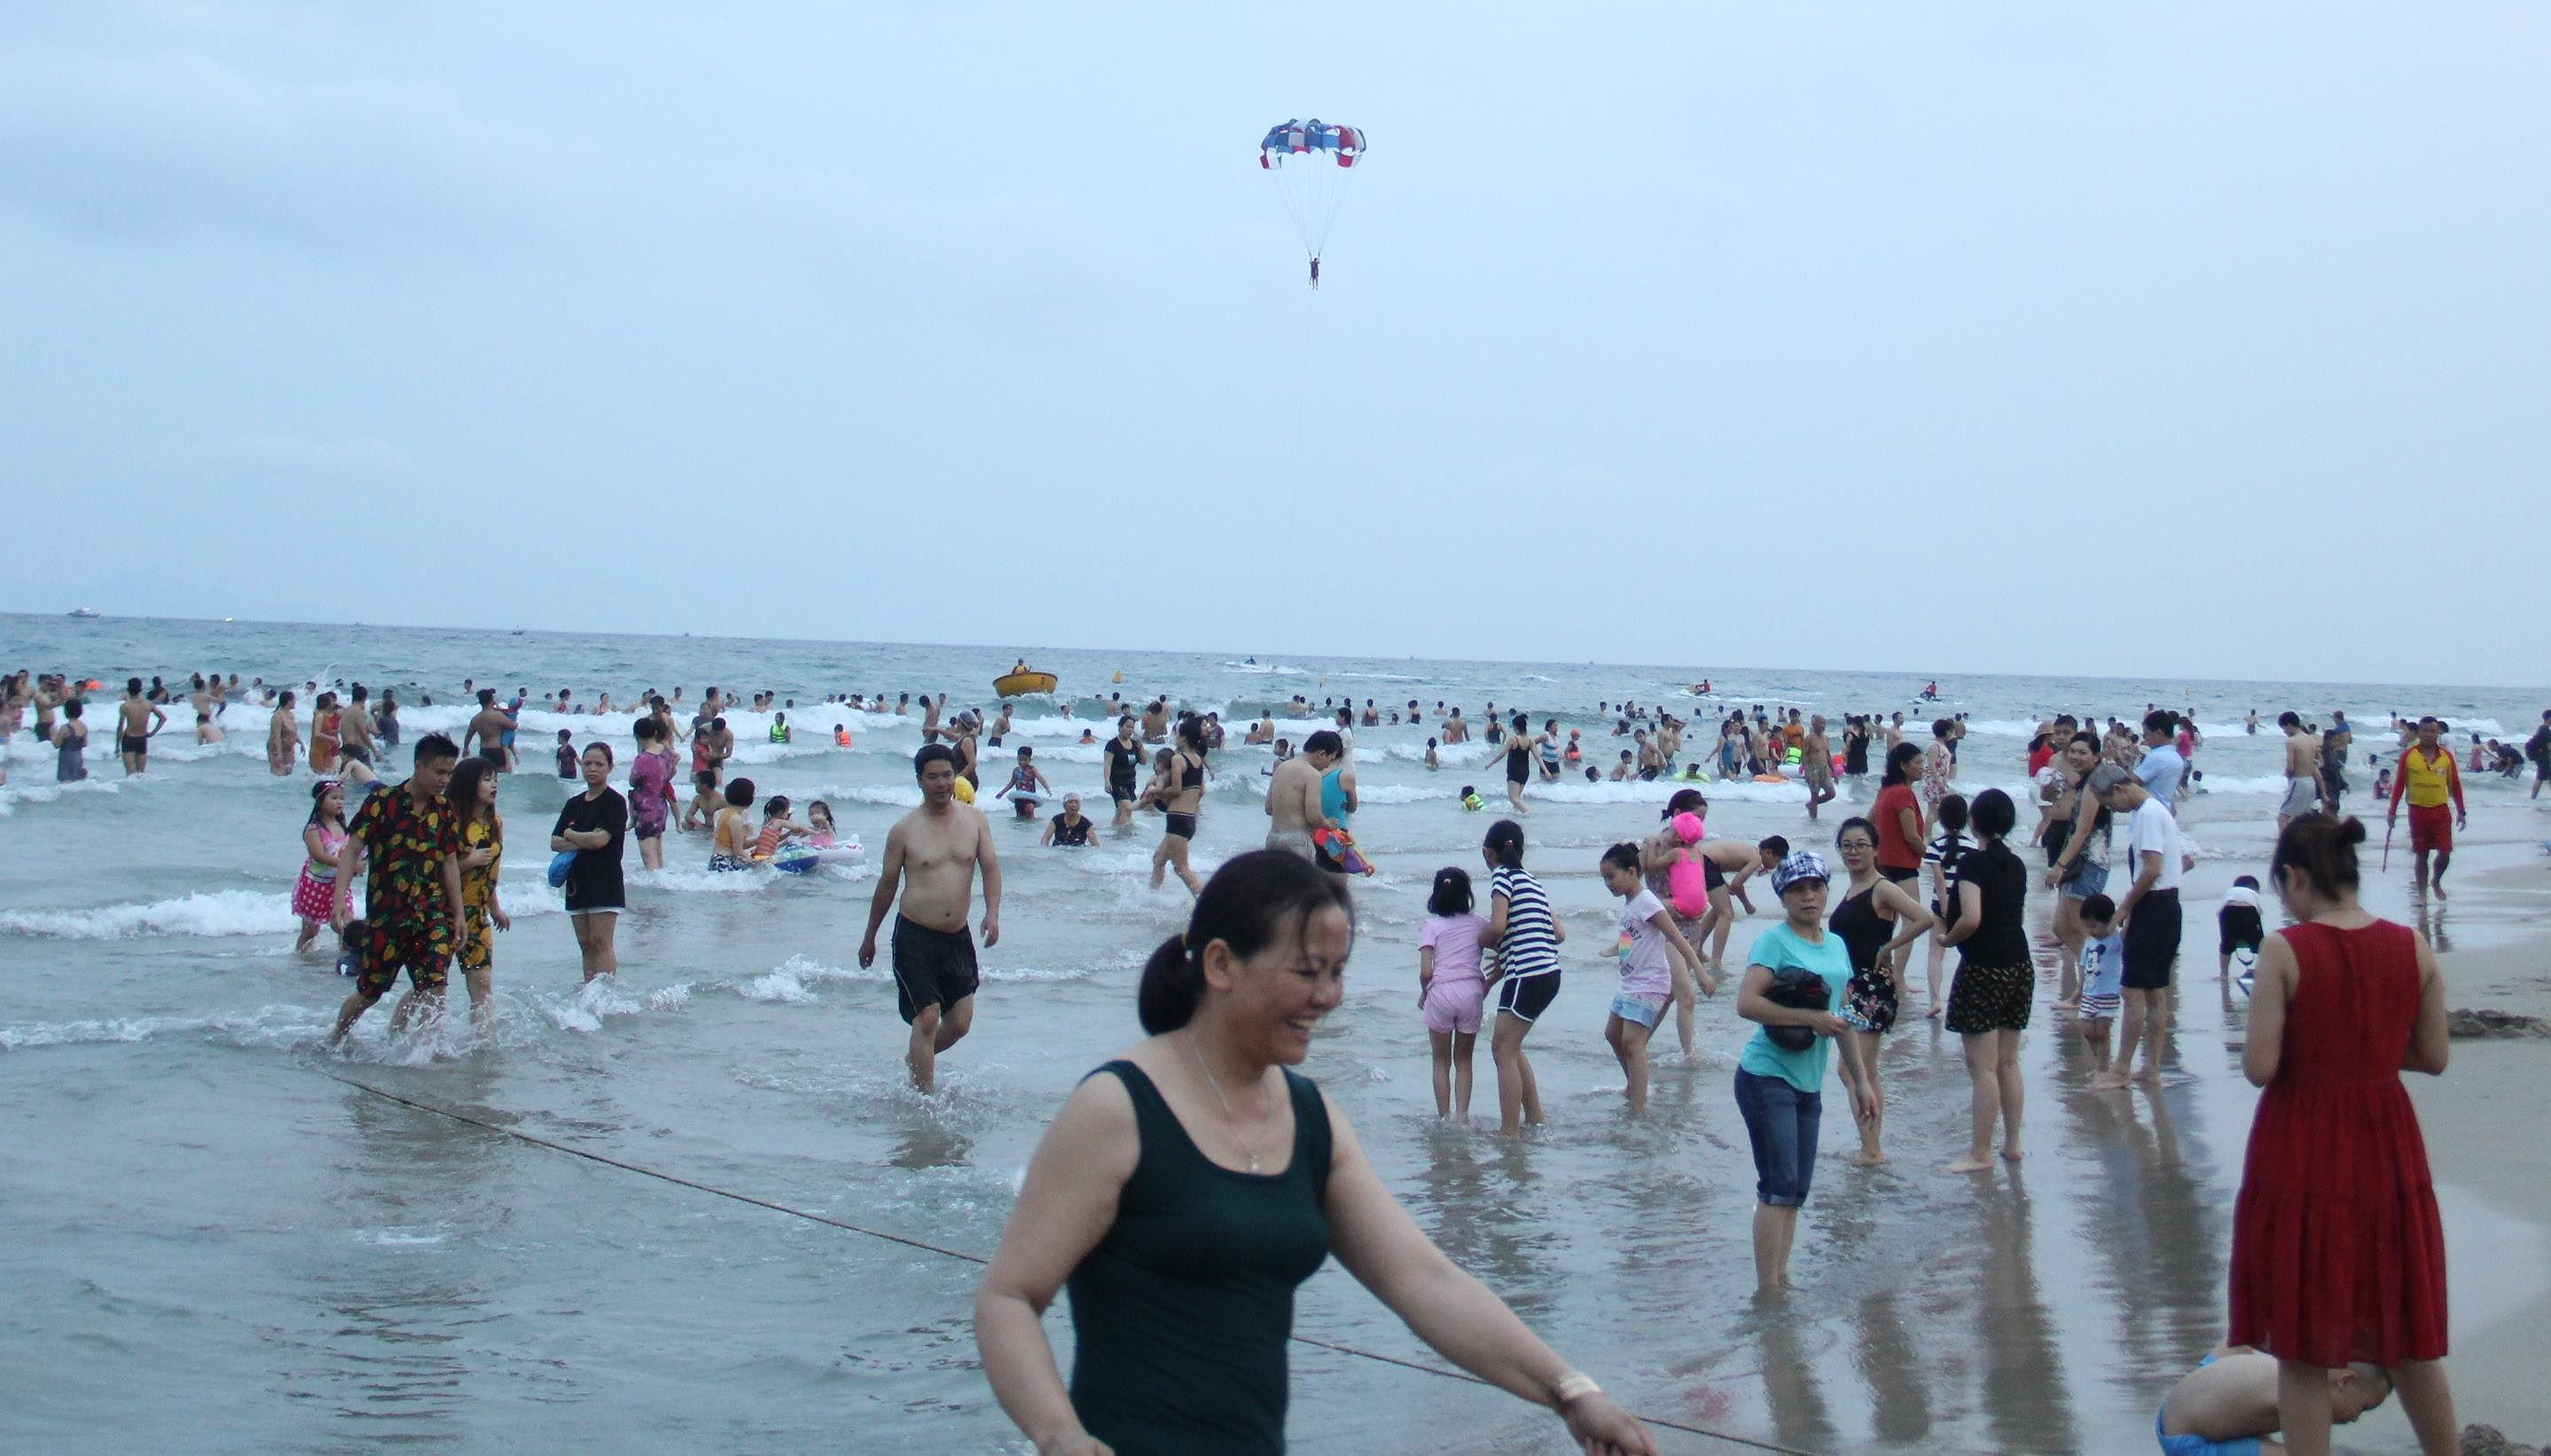 Hàng ngàn du khách đổ về bãi biển 'đẹp nhất hành tinh' Đà Nẵng Ảnh 2